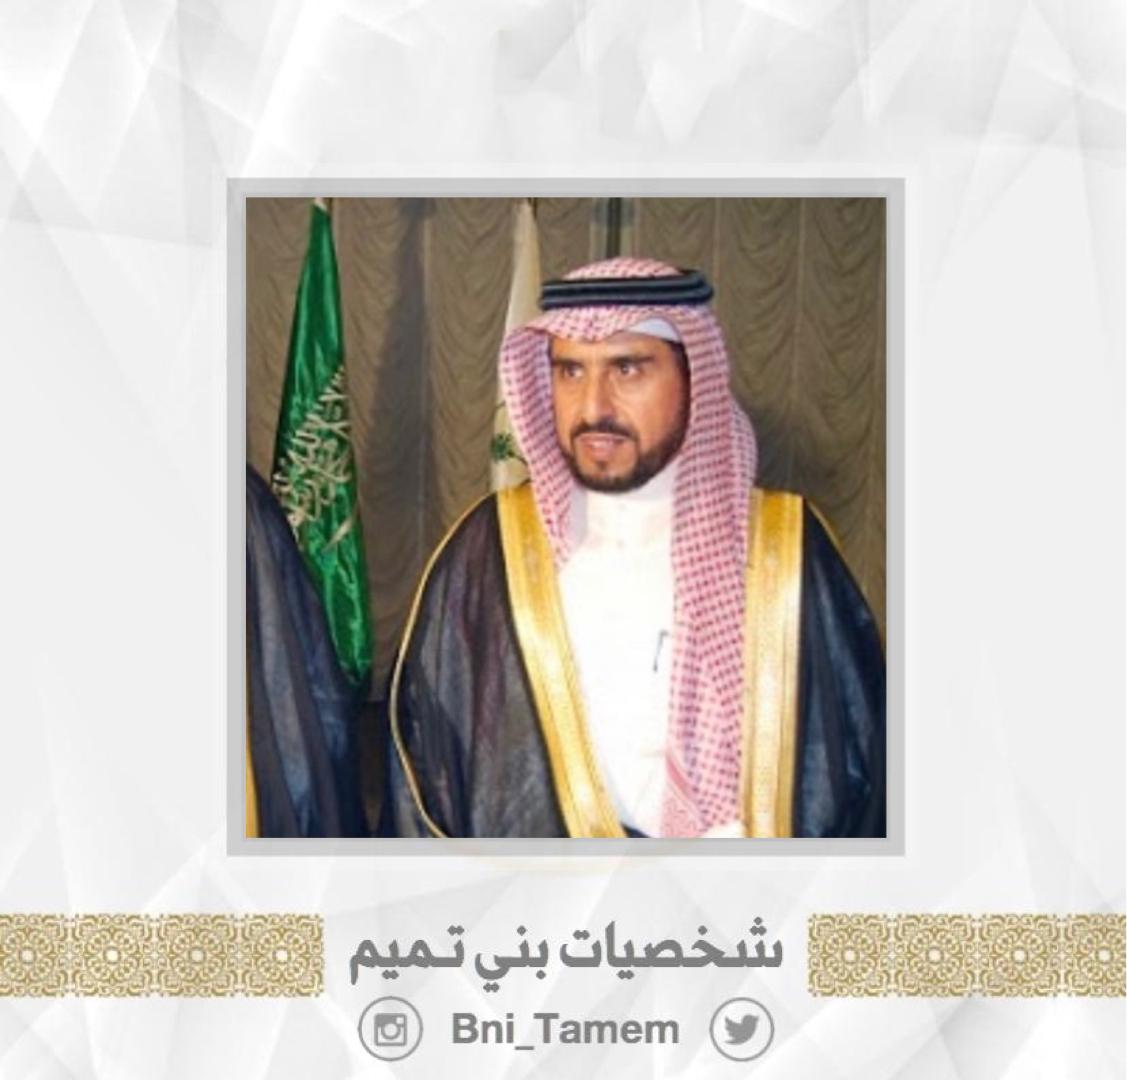 الأستاذ / أحمد بن عبدالعزيز اليحيى